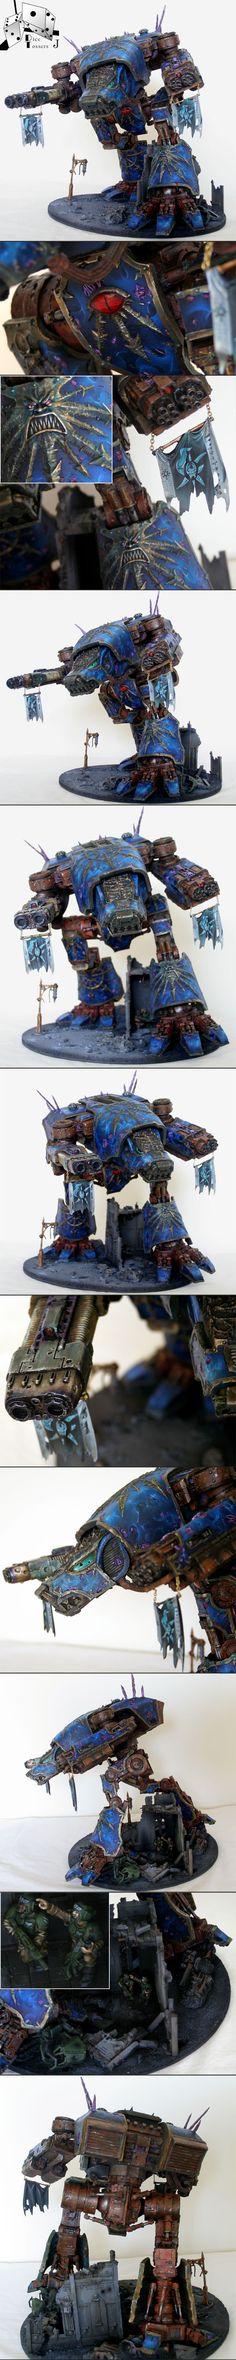 Js Feral Chaos Warhound Titan - Suns of Damnation Tzeentch